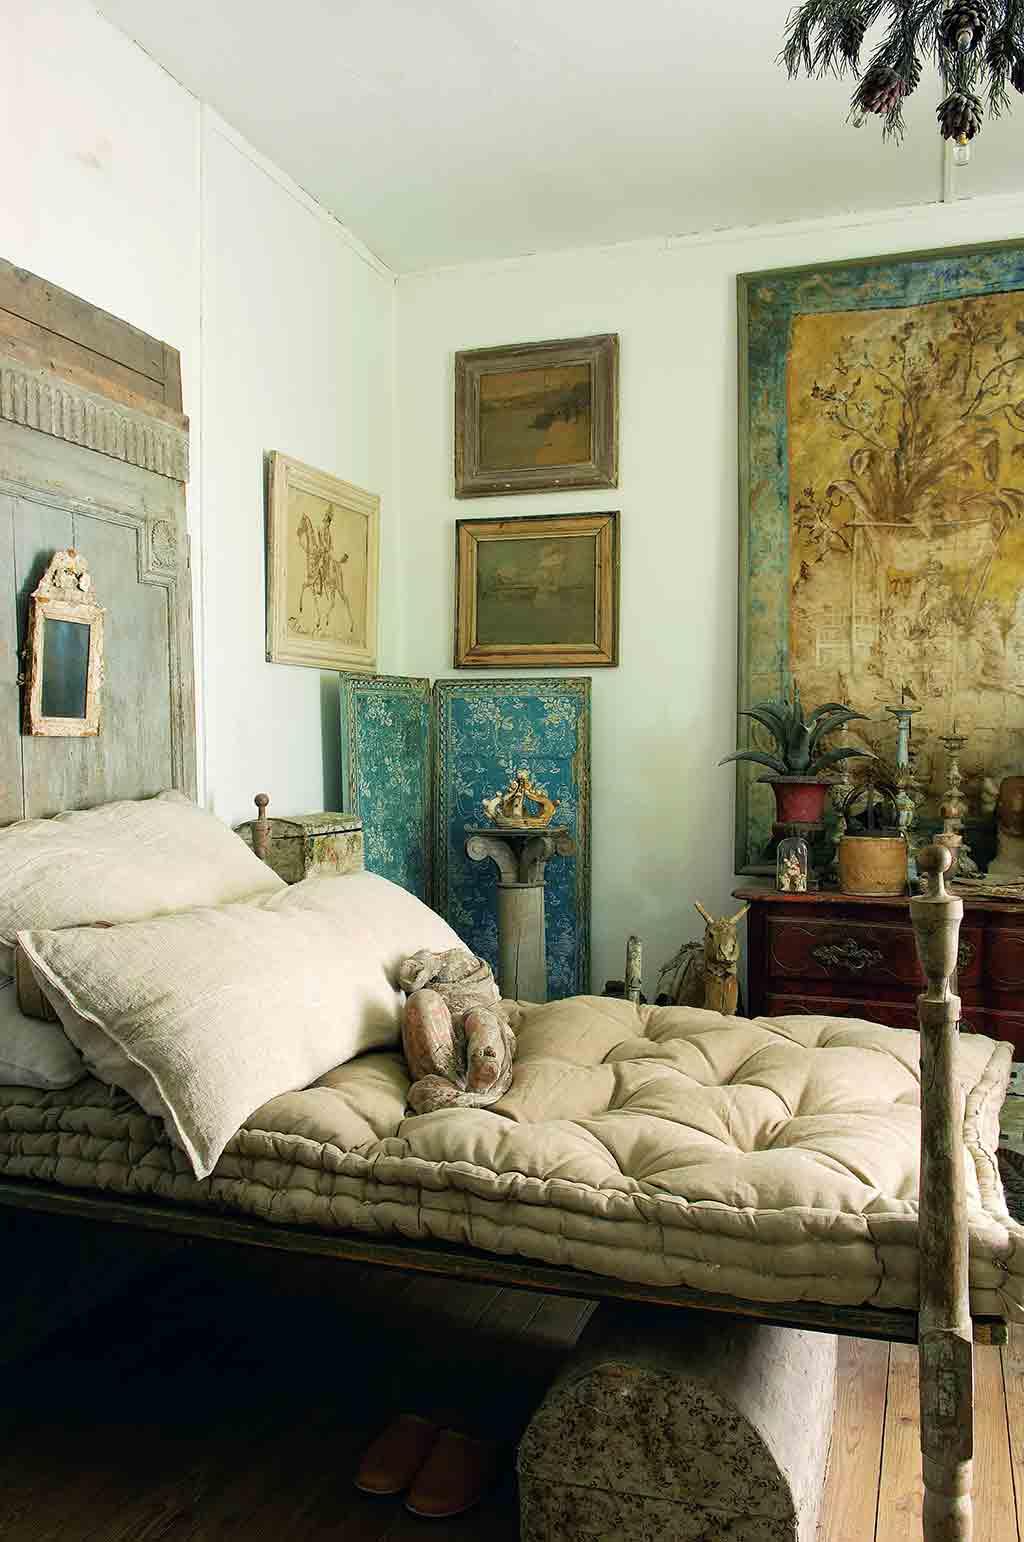 Full Size of Französischer Landhausstil Schlafzimmer Regal Wohnzimmer Bett Sofa Boxspring Küche Betten Bad Weiß Wohnzimmer Französischer Landhausstil